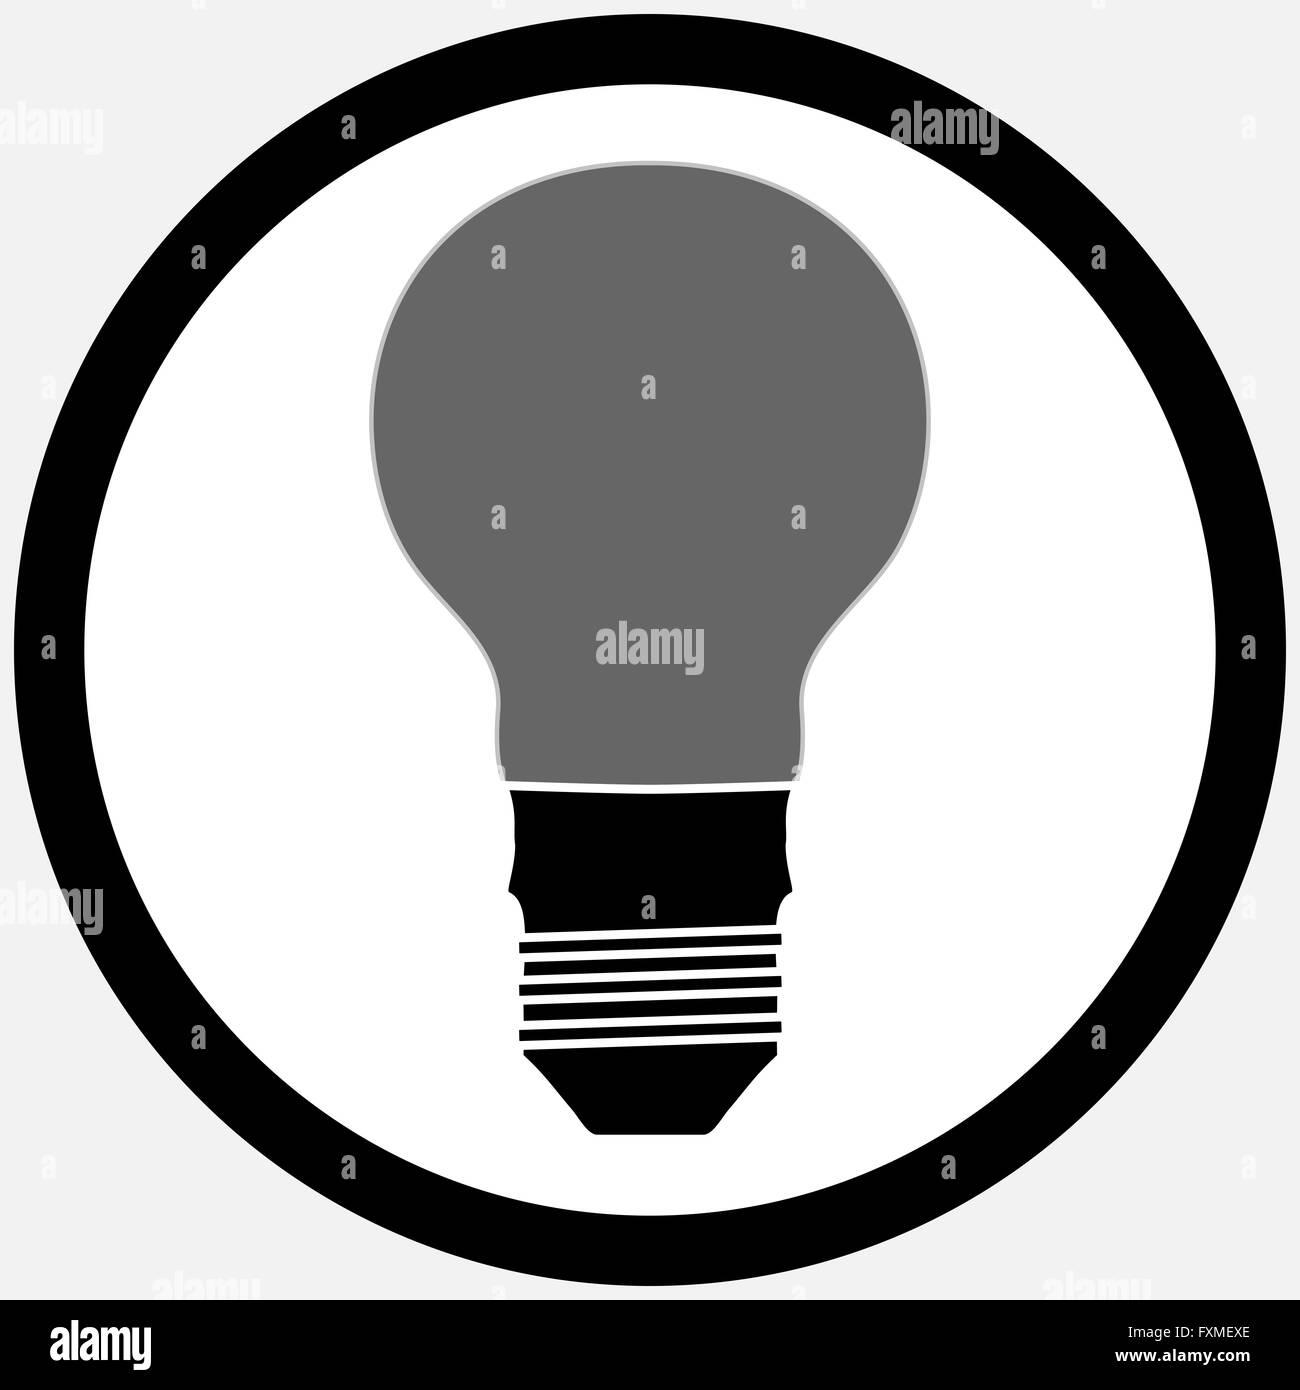 Großartig Lampe Schematische Symbol Bilder - Verdrahtungsideen ...